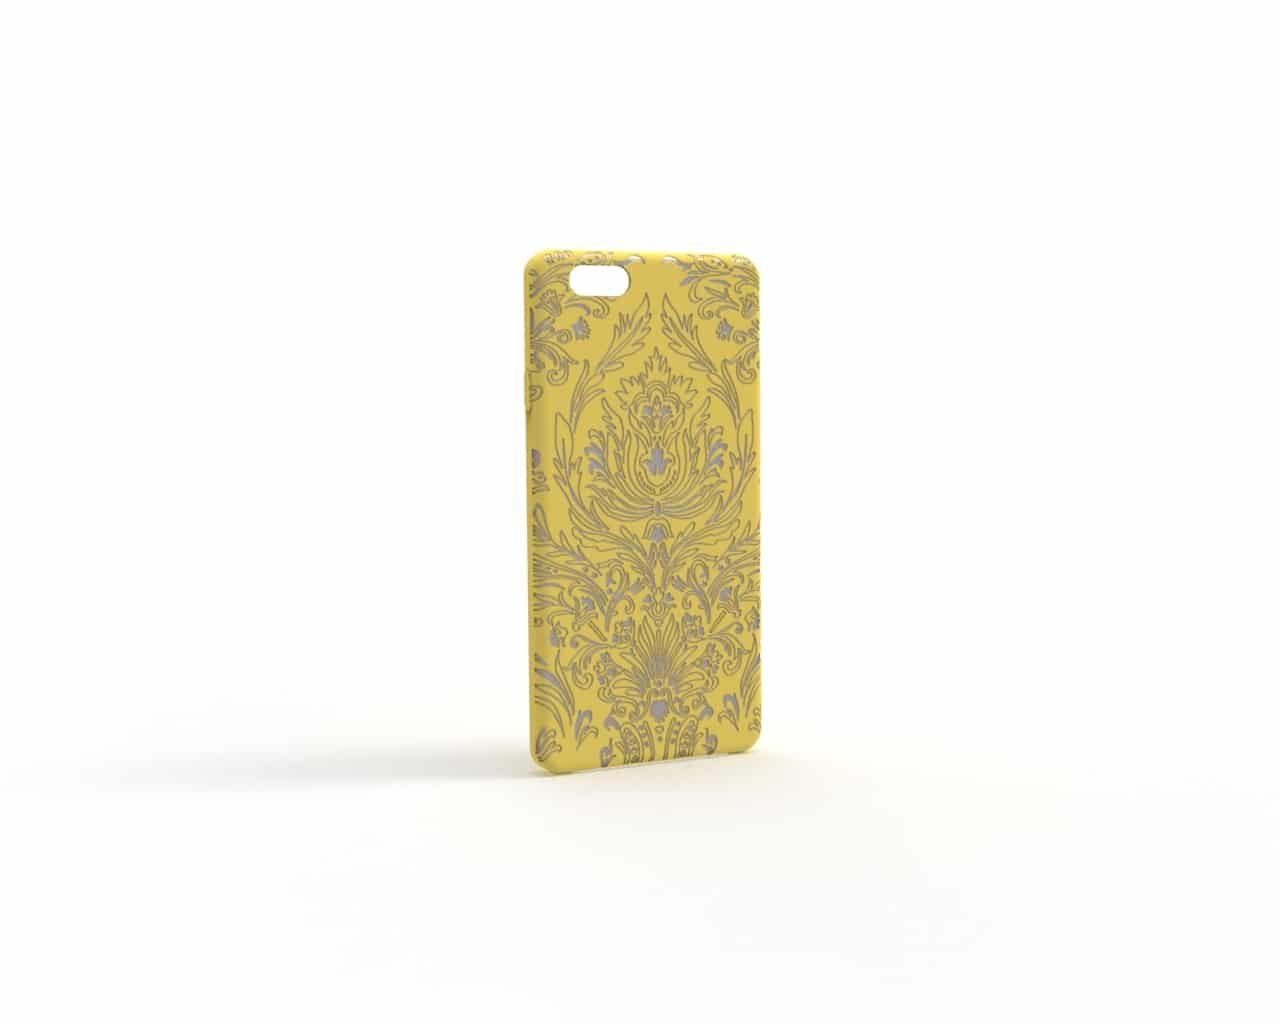 paisley-kaschmirgelb-silber-Handyhülle iphone 80.61